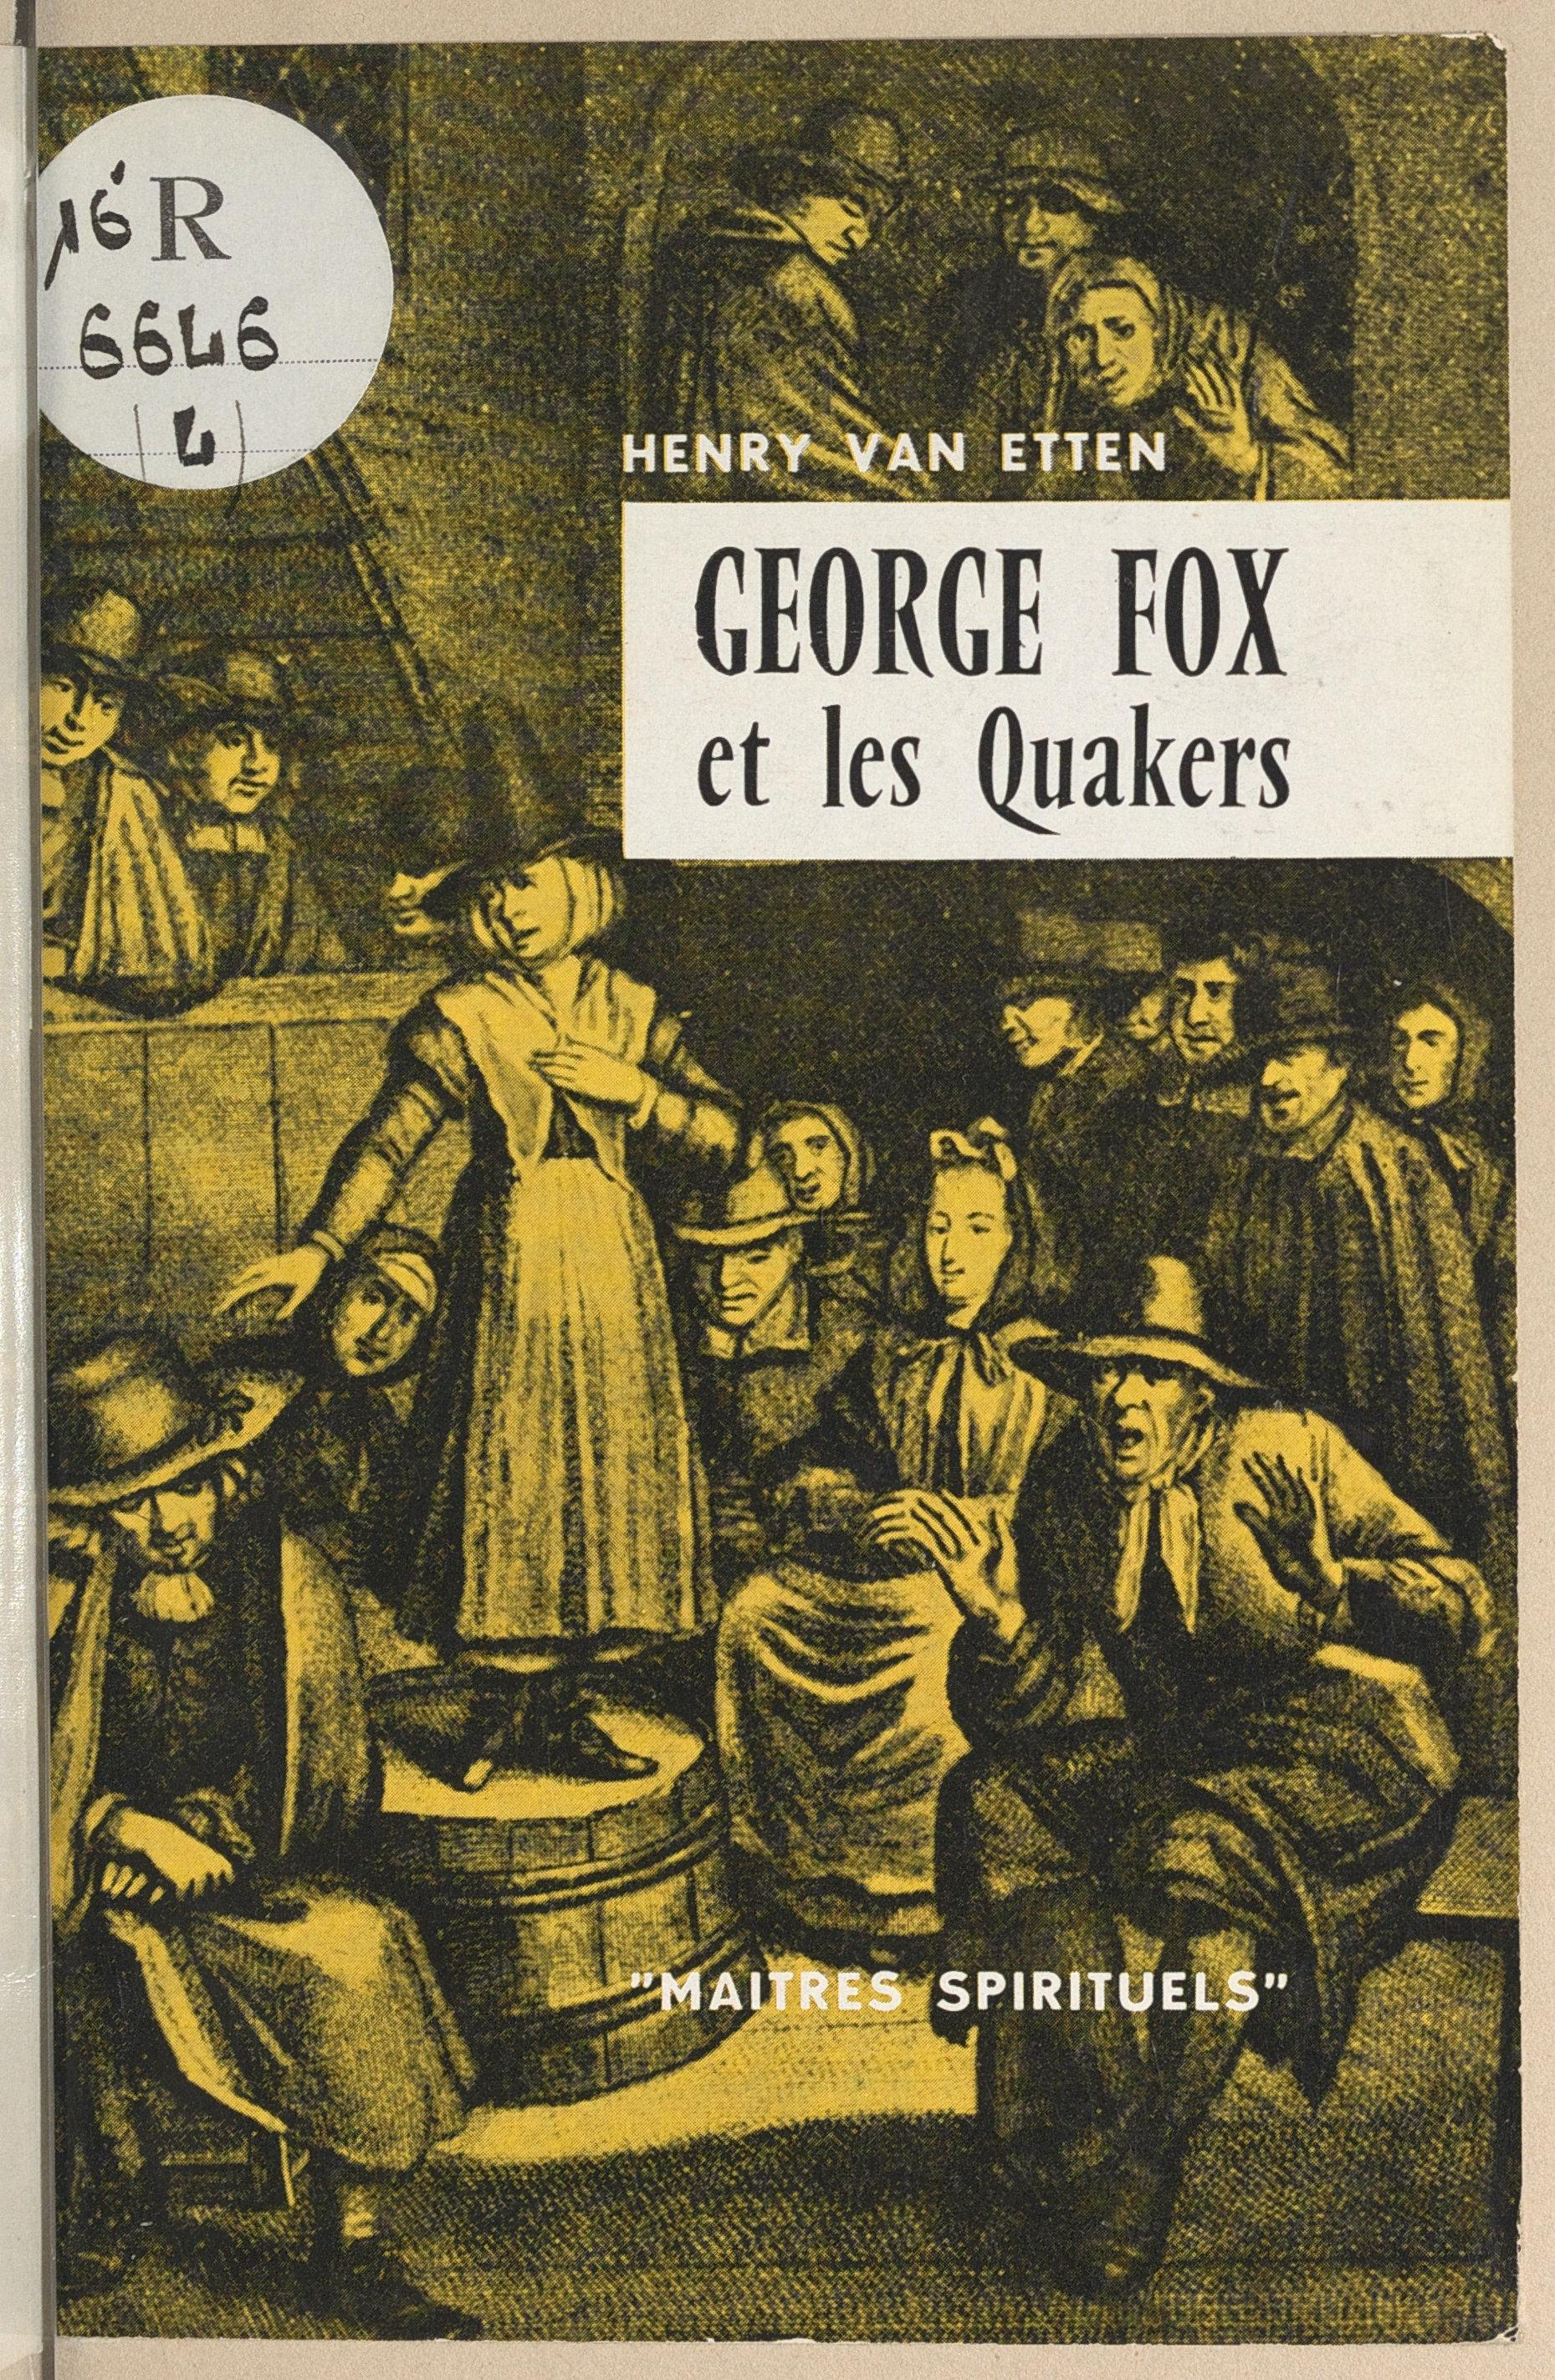 George Fox et les Quakers